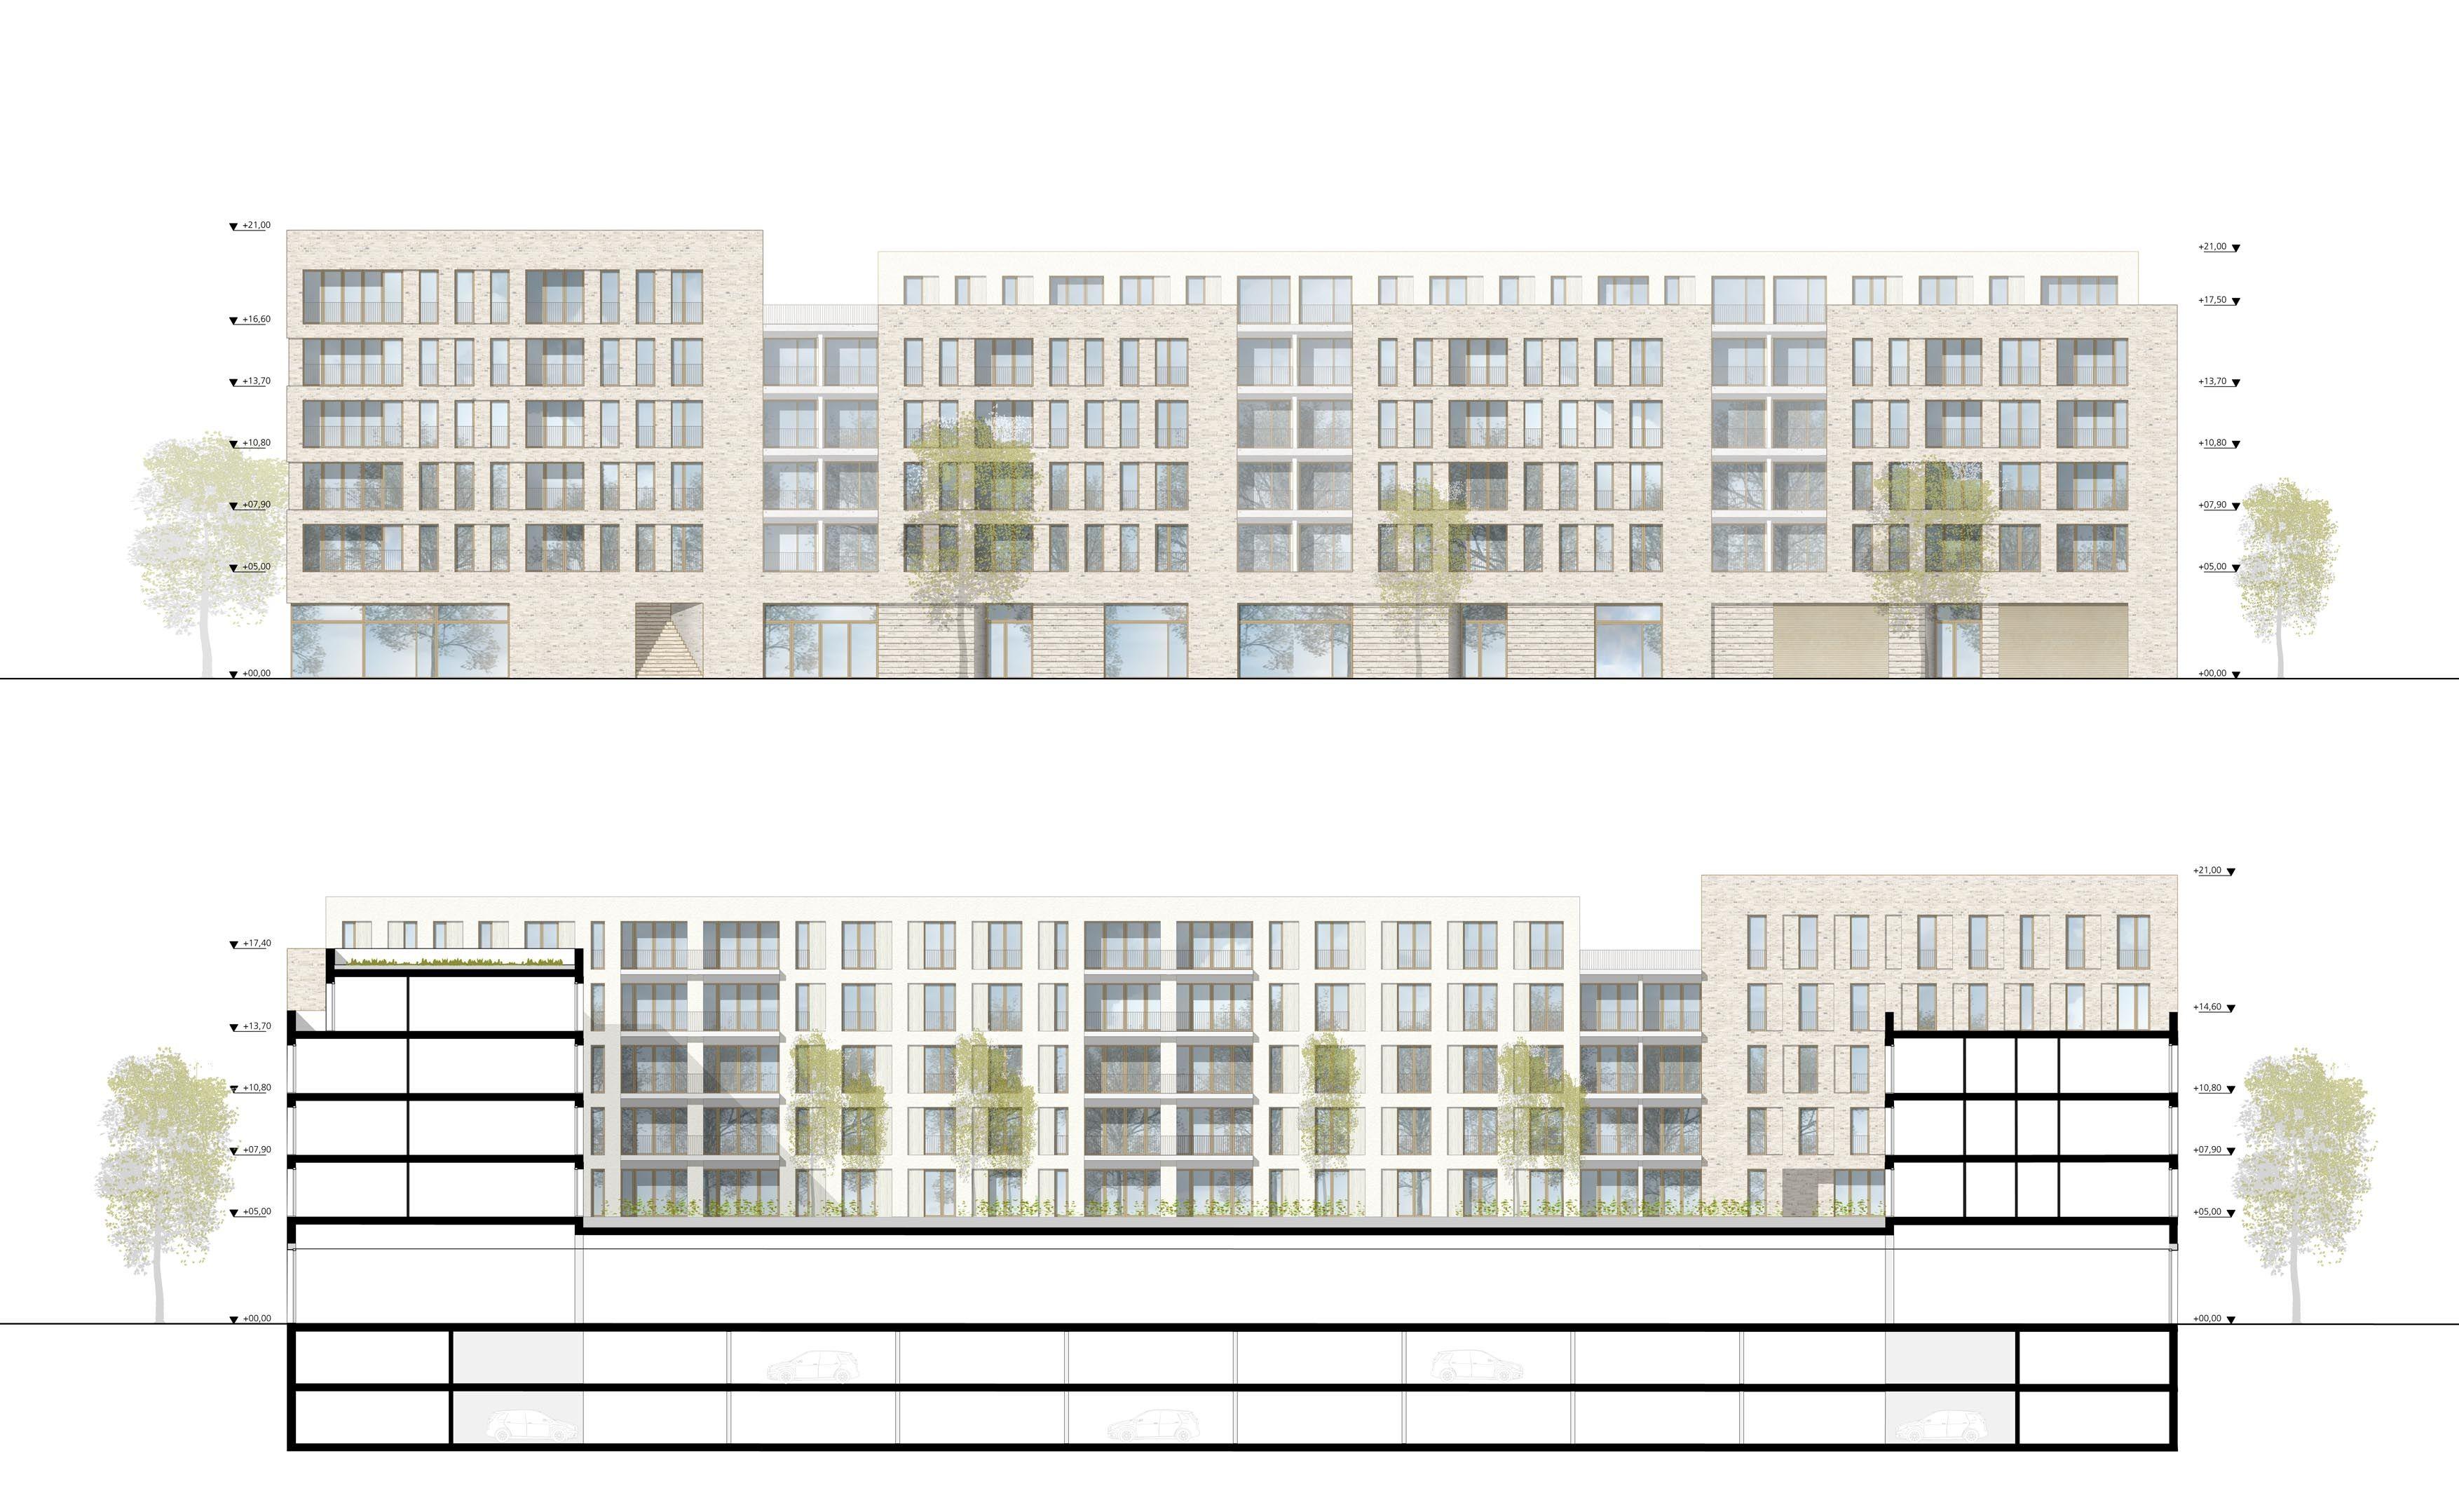 Ansicht Architektur ein 2 preis zur realisierung empfohlen nach überarbeitung ansicht